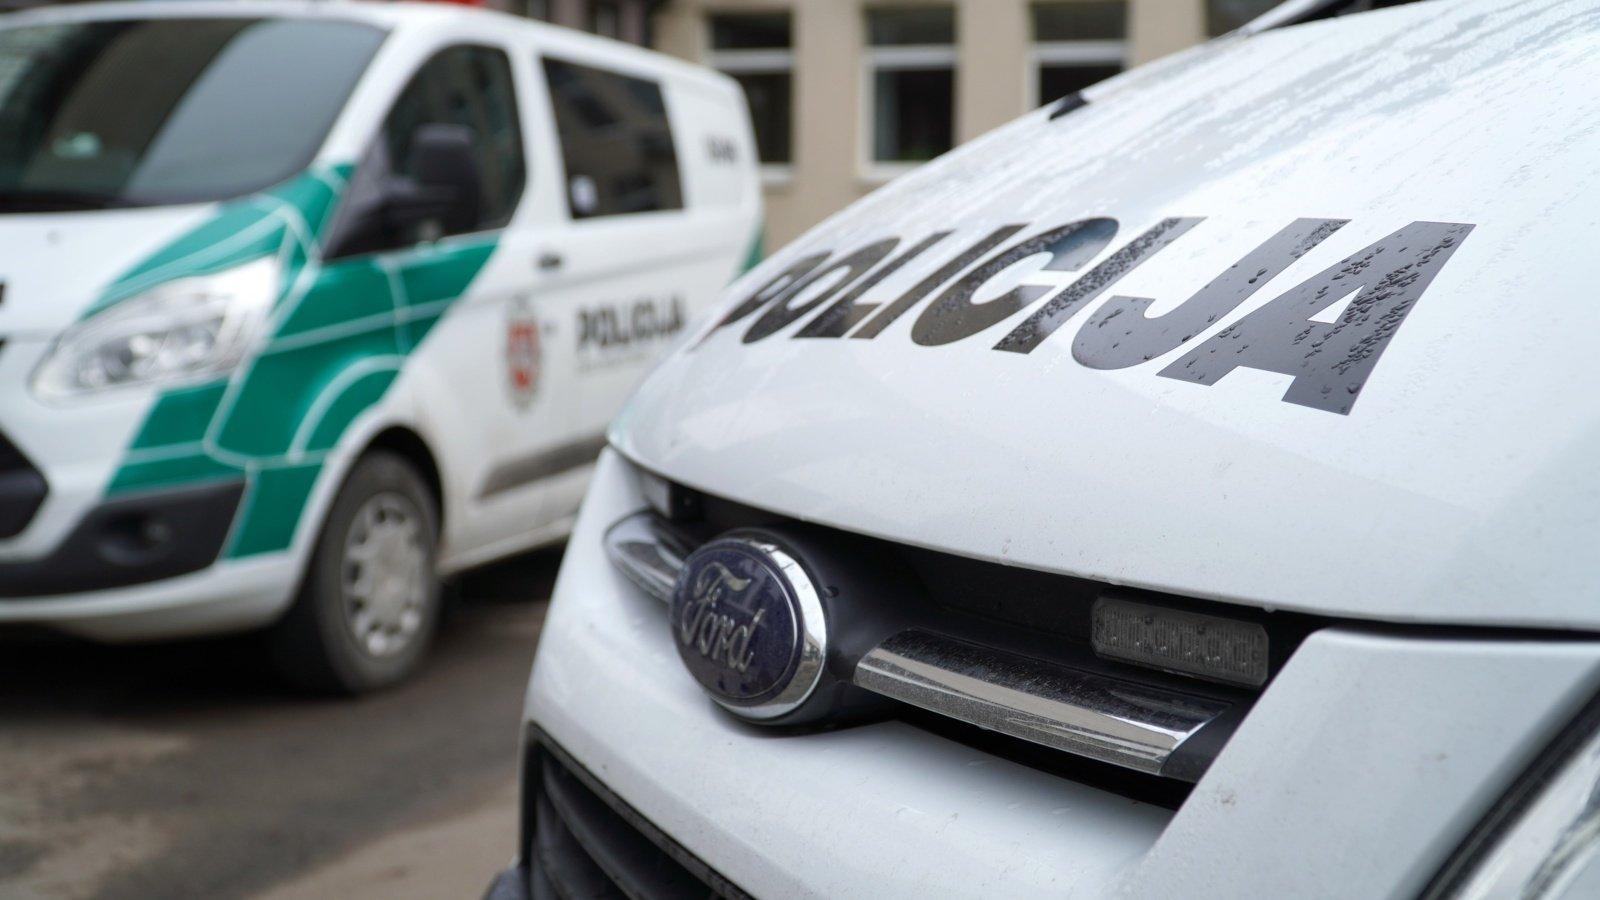 Klaipėdoje rastas mirusios moters kūnas užminė mįslę